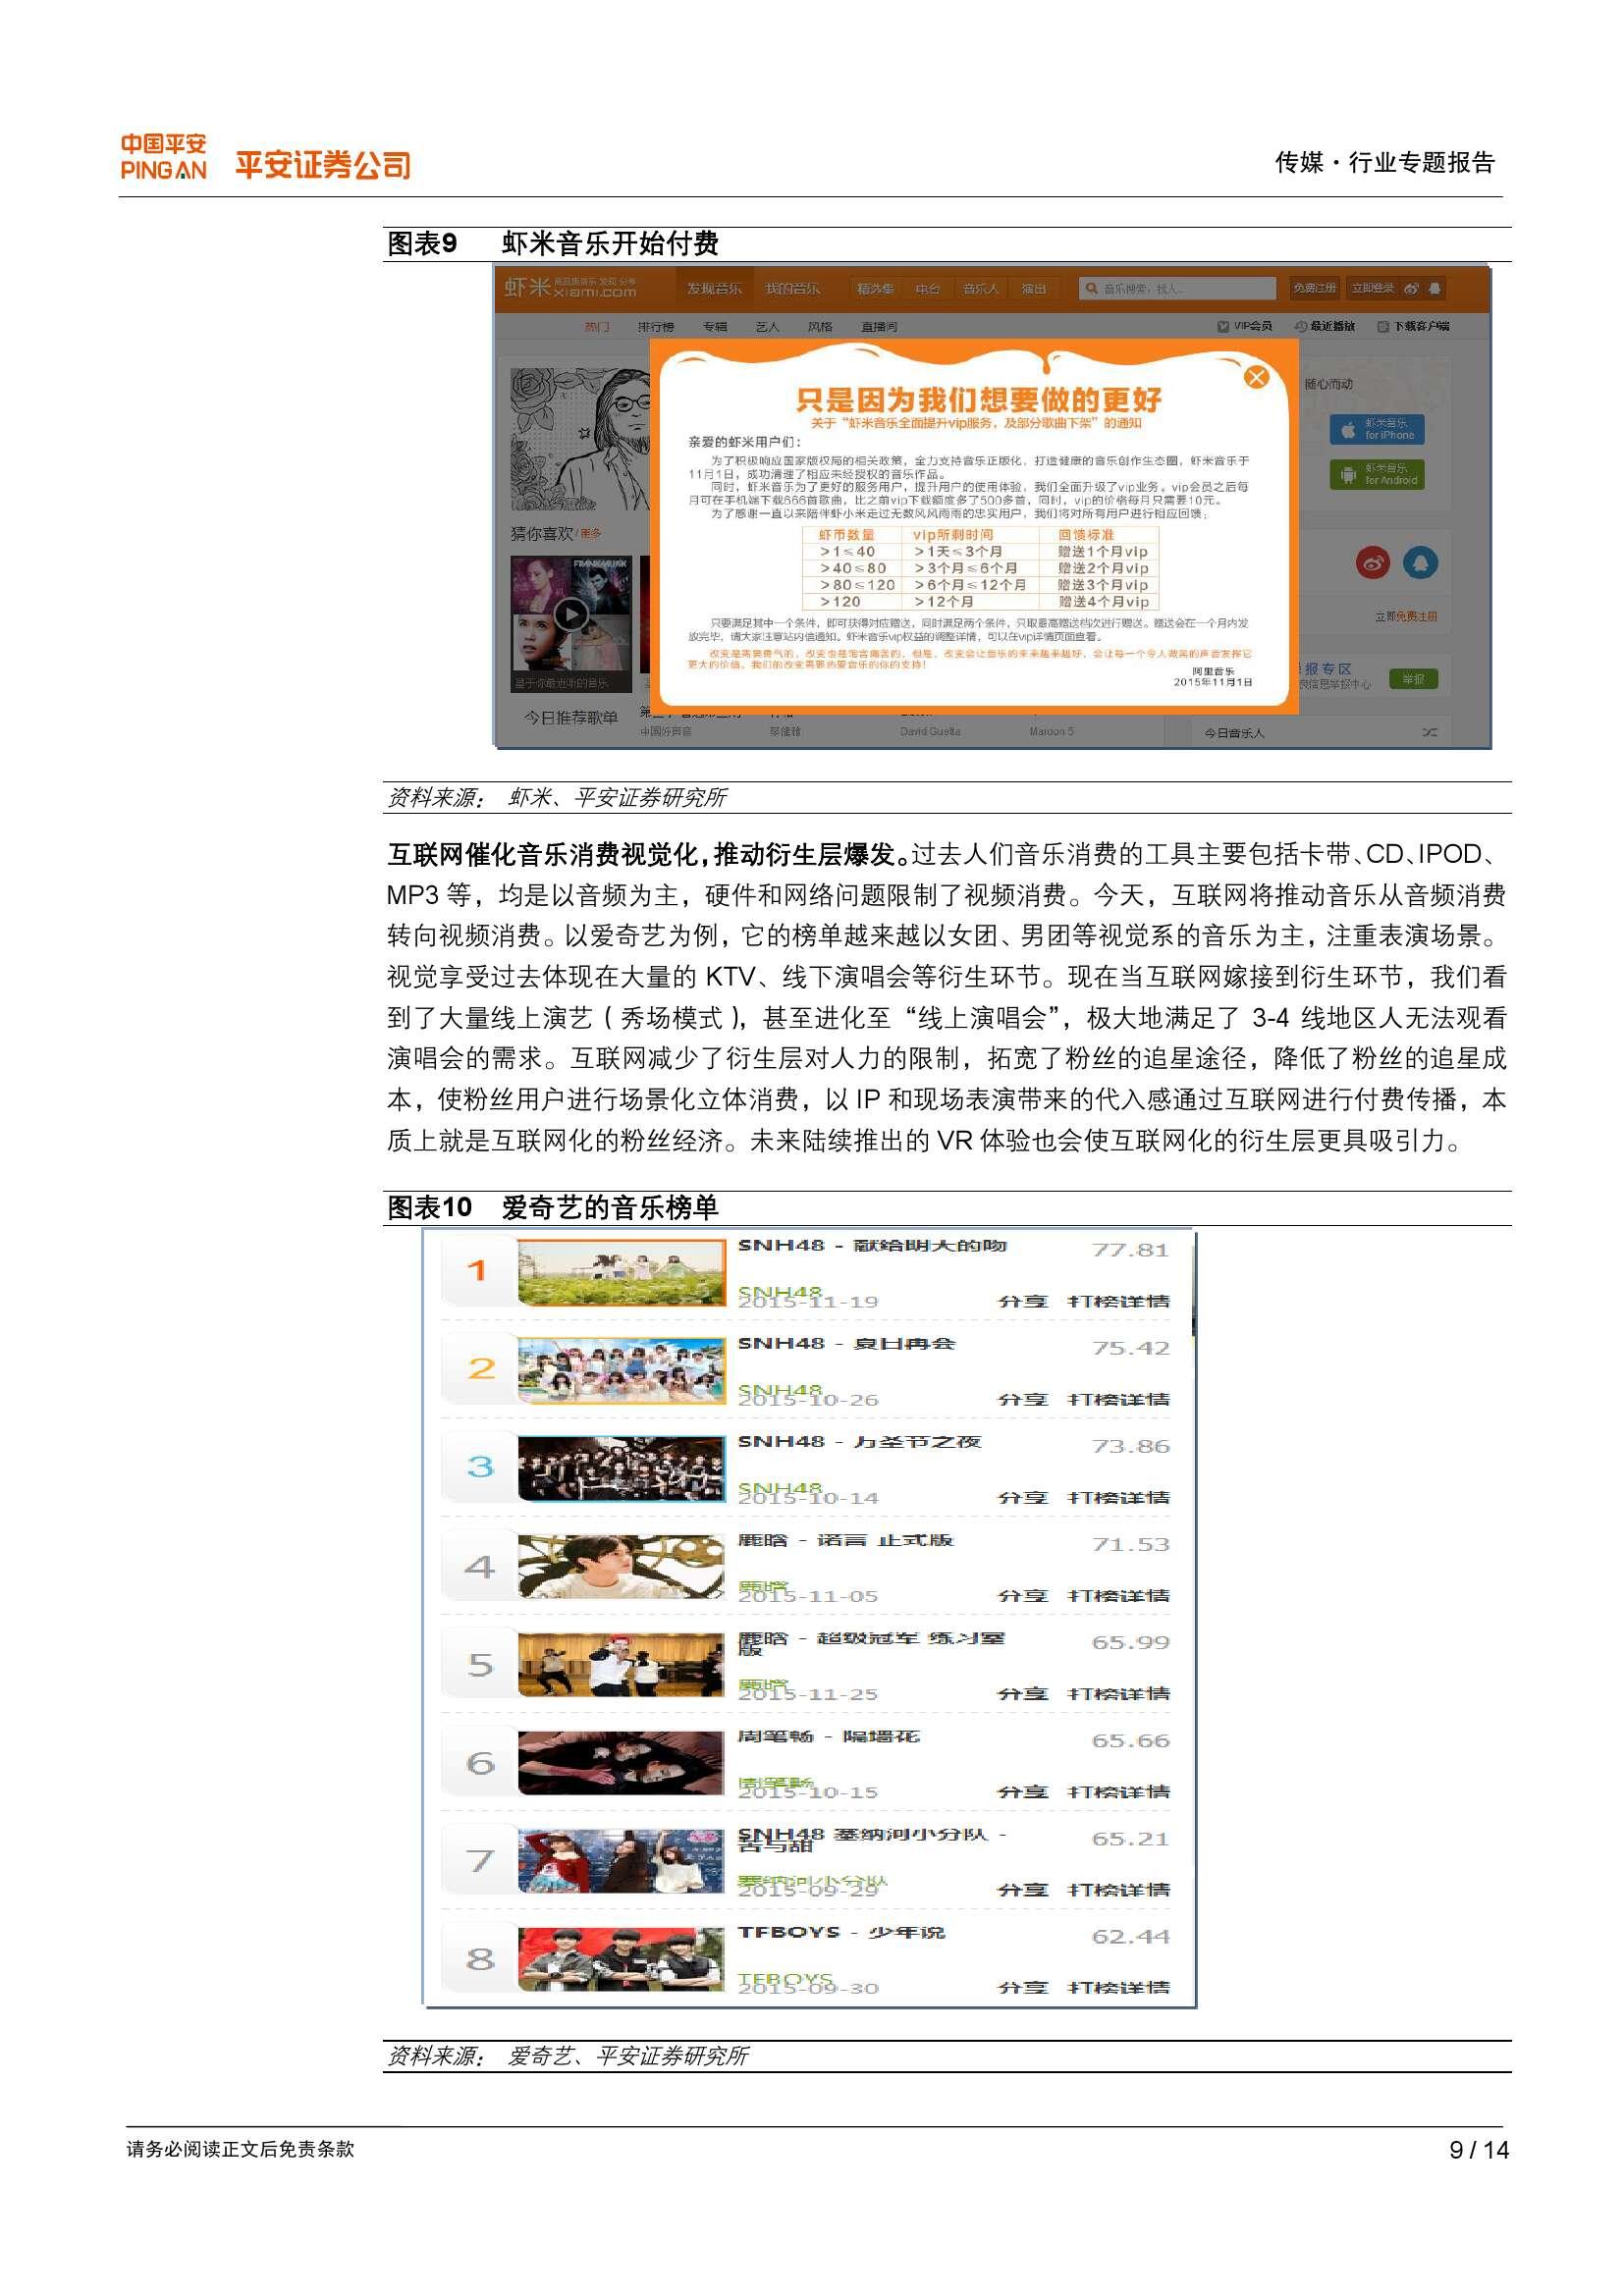 2016年传媒行业10大畅想_000009